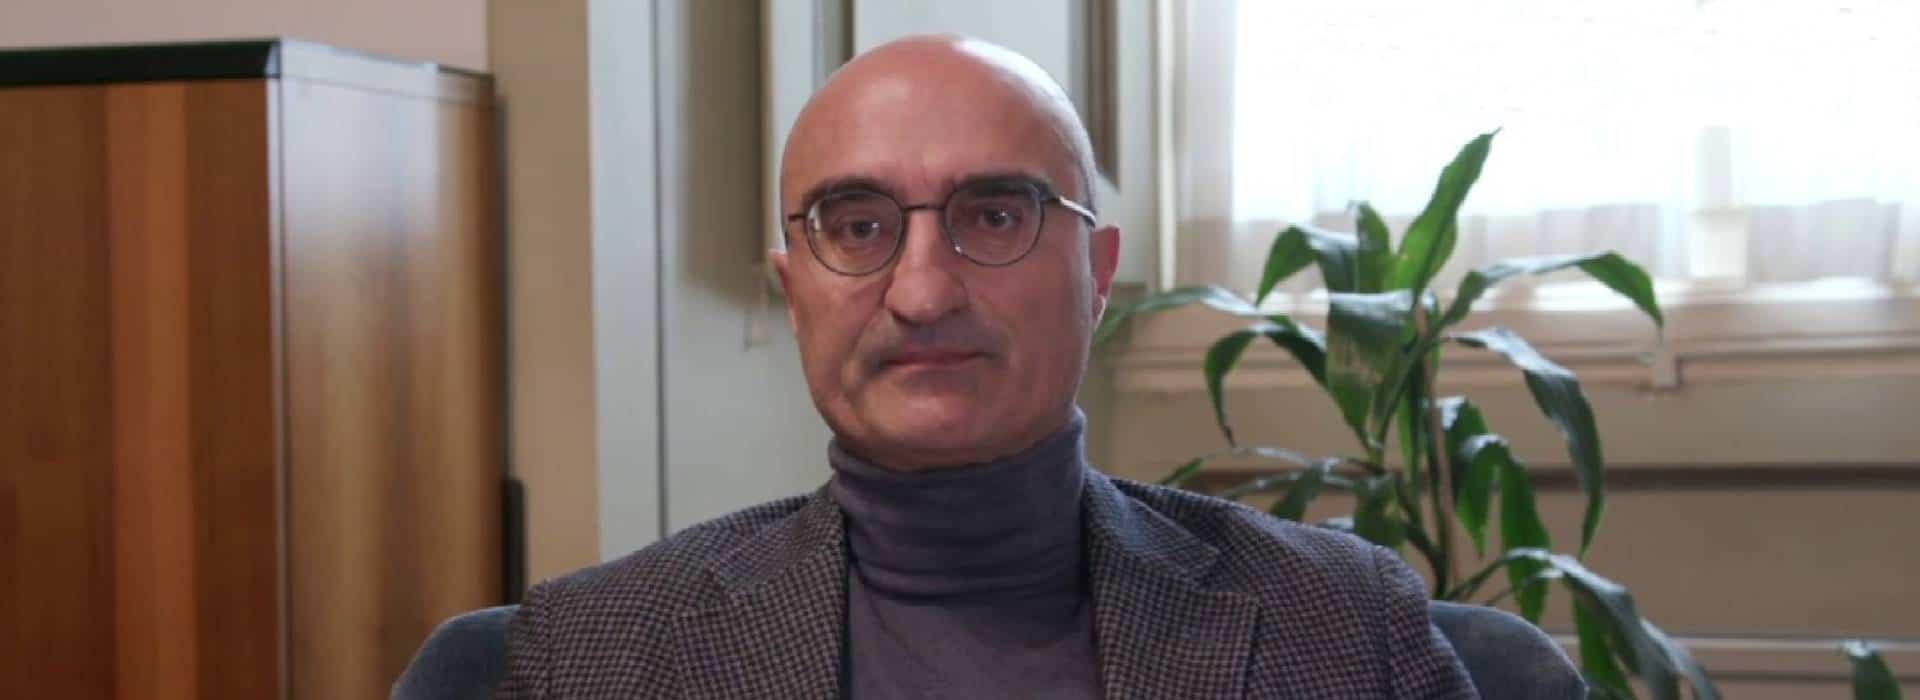 Fabrizio Di Marzio, la toga amica di Conte che avrebbe potuto interferire sulla decisione del Dap